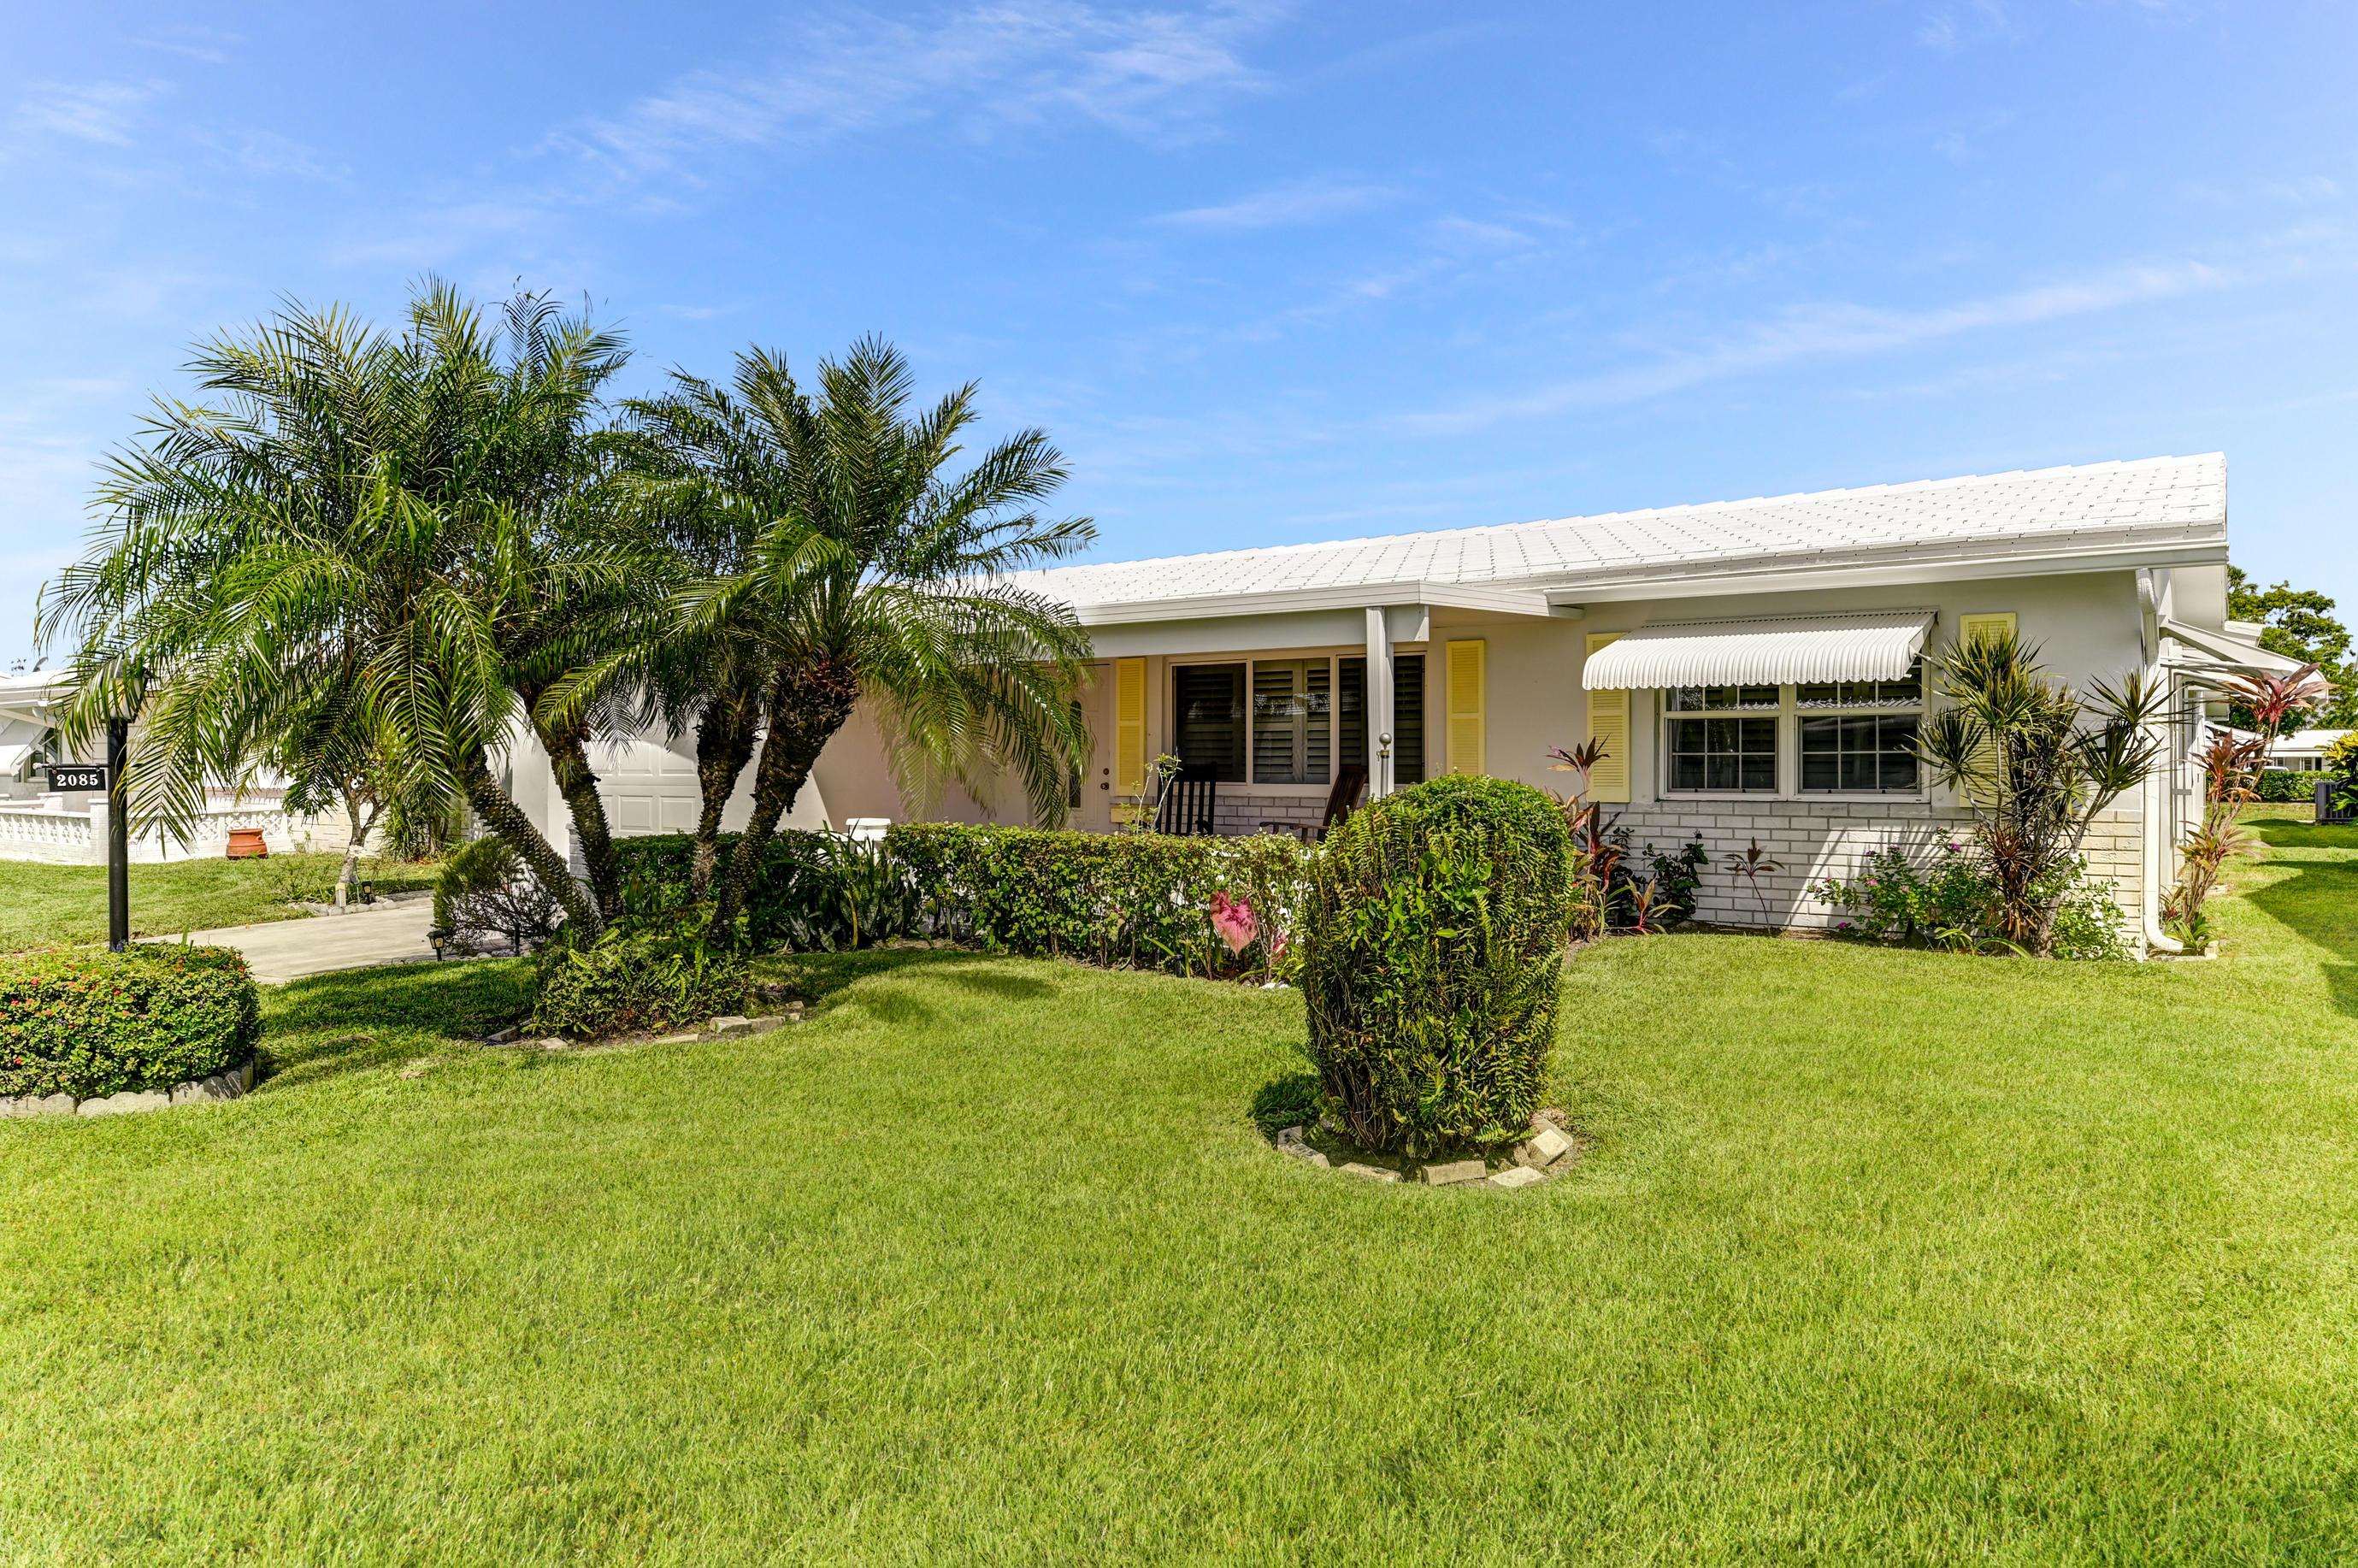 Home for sale in Leisureville Boynton Beach Florida